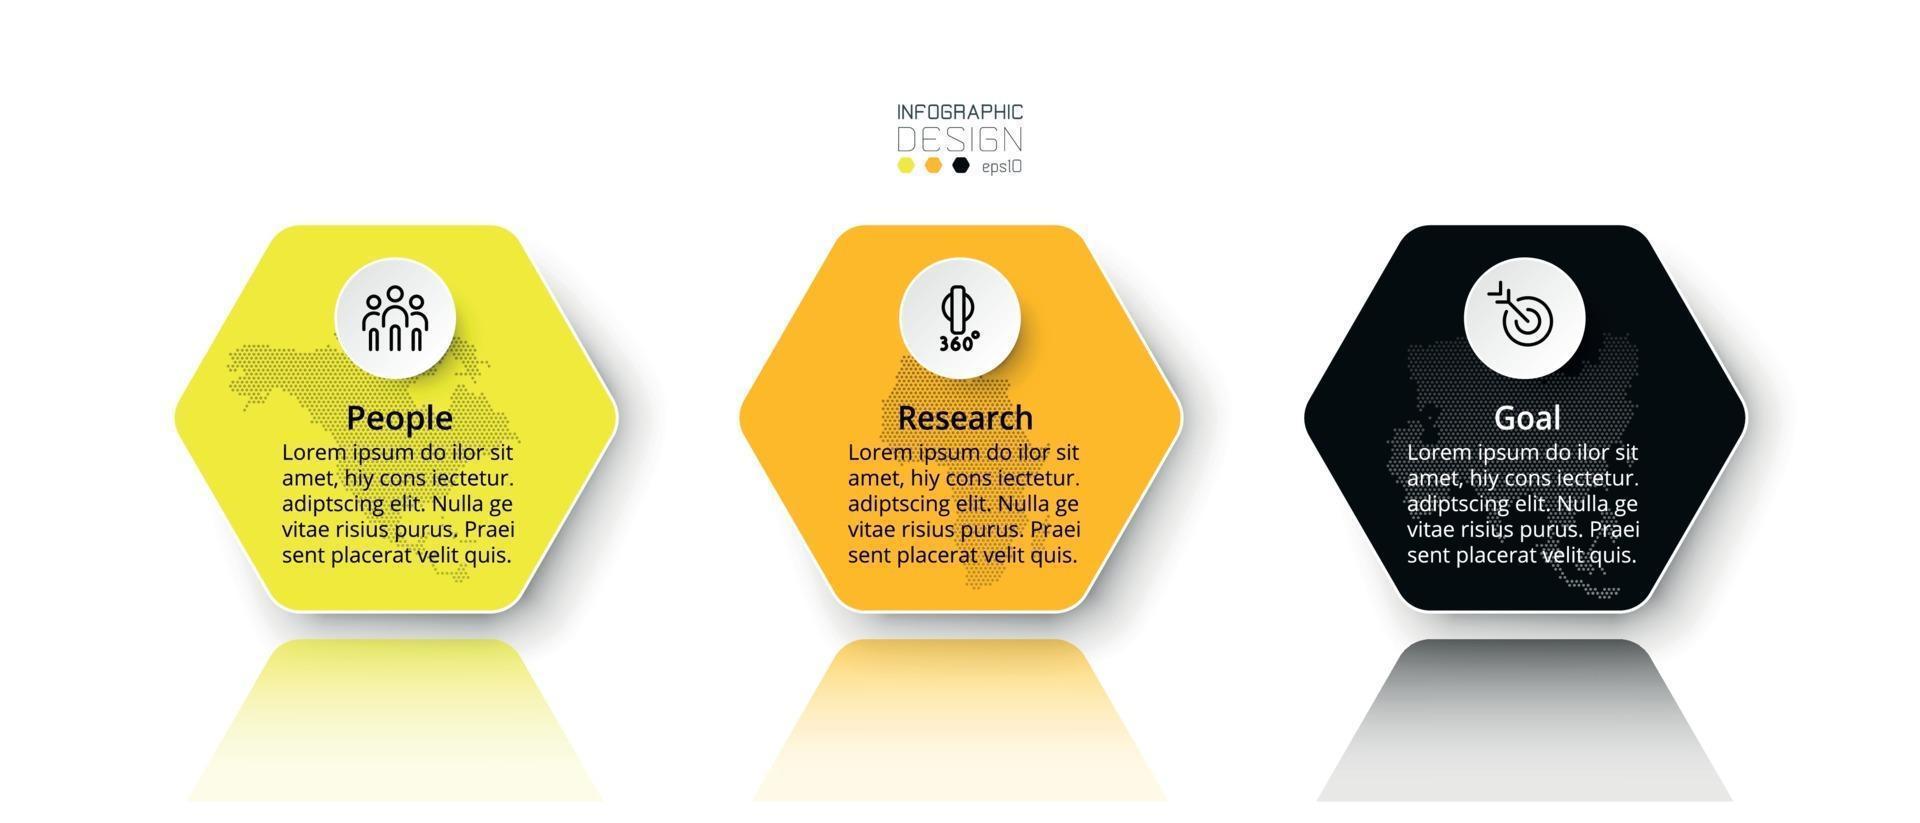 idee di pianificazione aziendale, marketing e istruzione presentate attraverso esagoni progettati da vettori. progettazione infografica. vettore